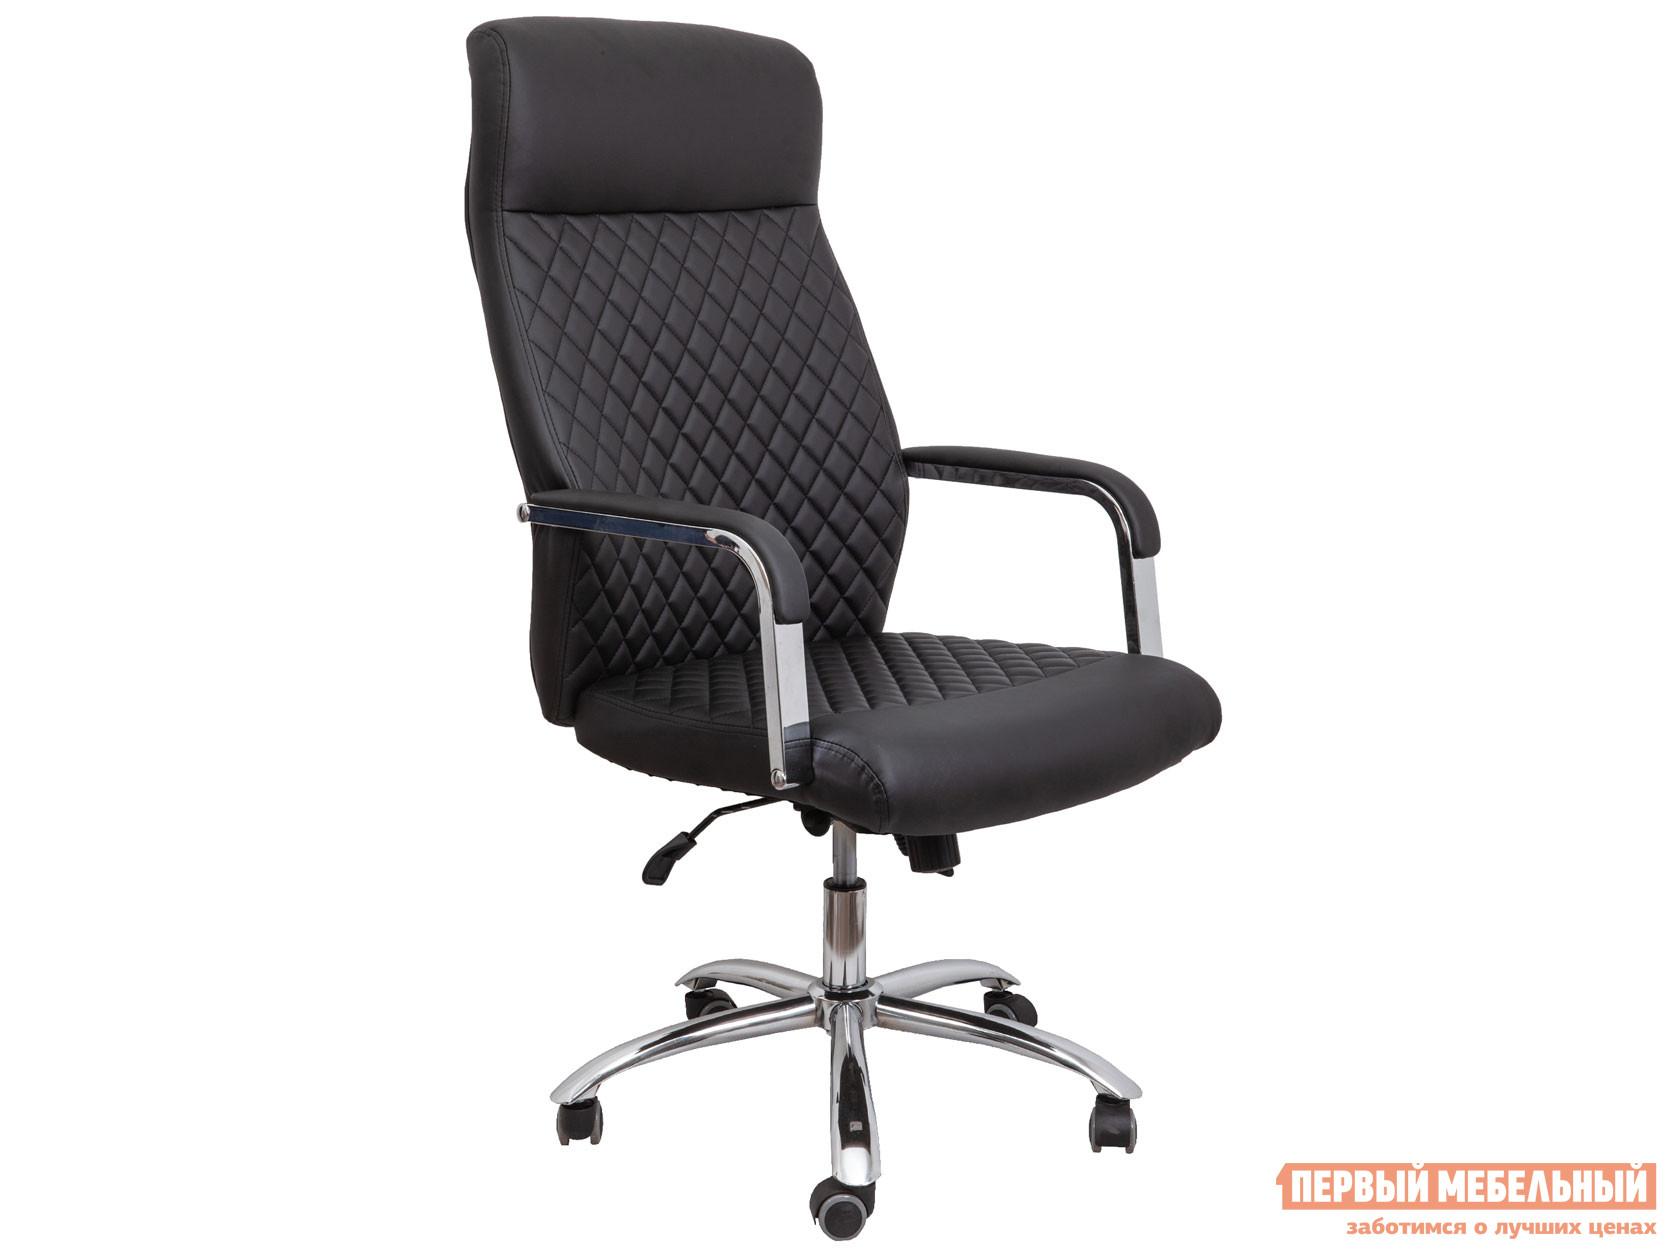 Кресло руководителя Первый Мебельный Кресло руководителя PILOT B